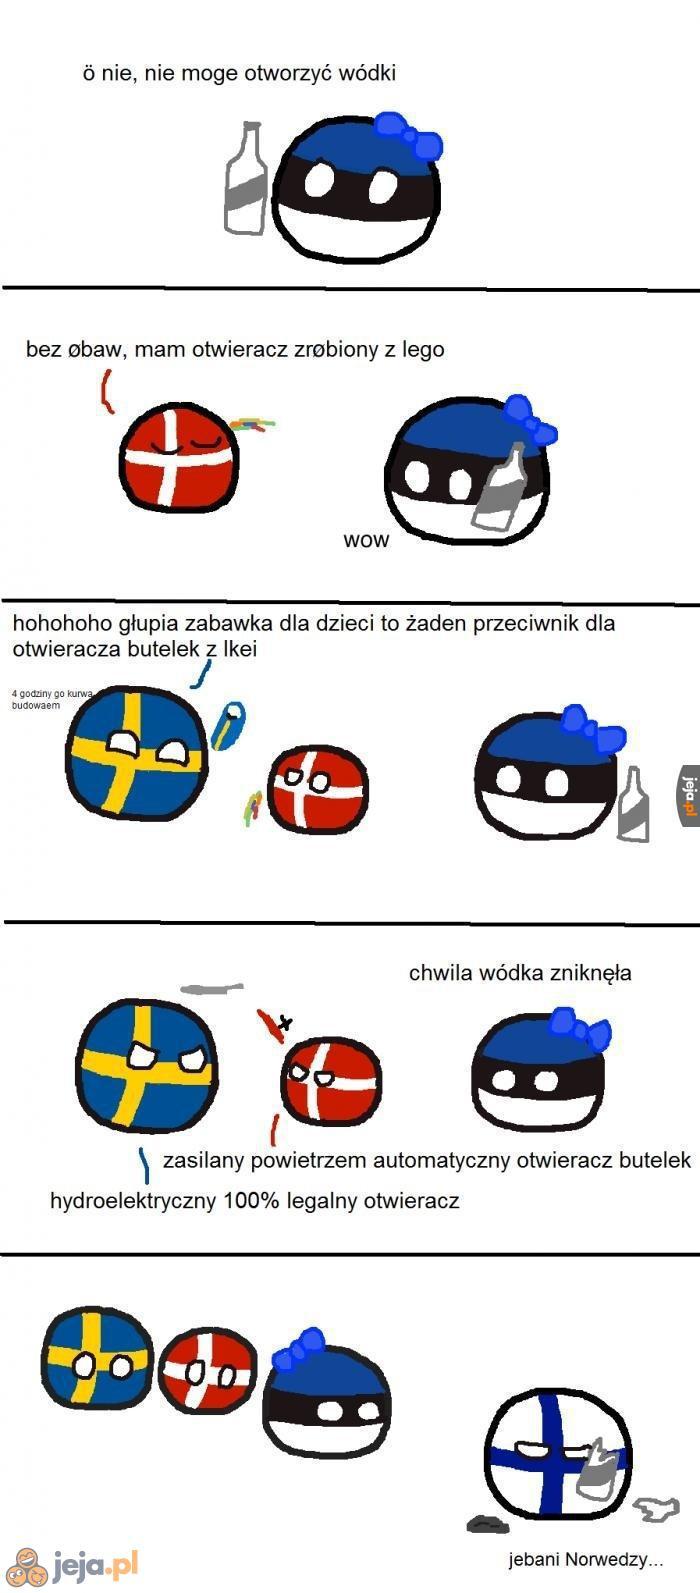 Norweski otwieracz